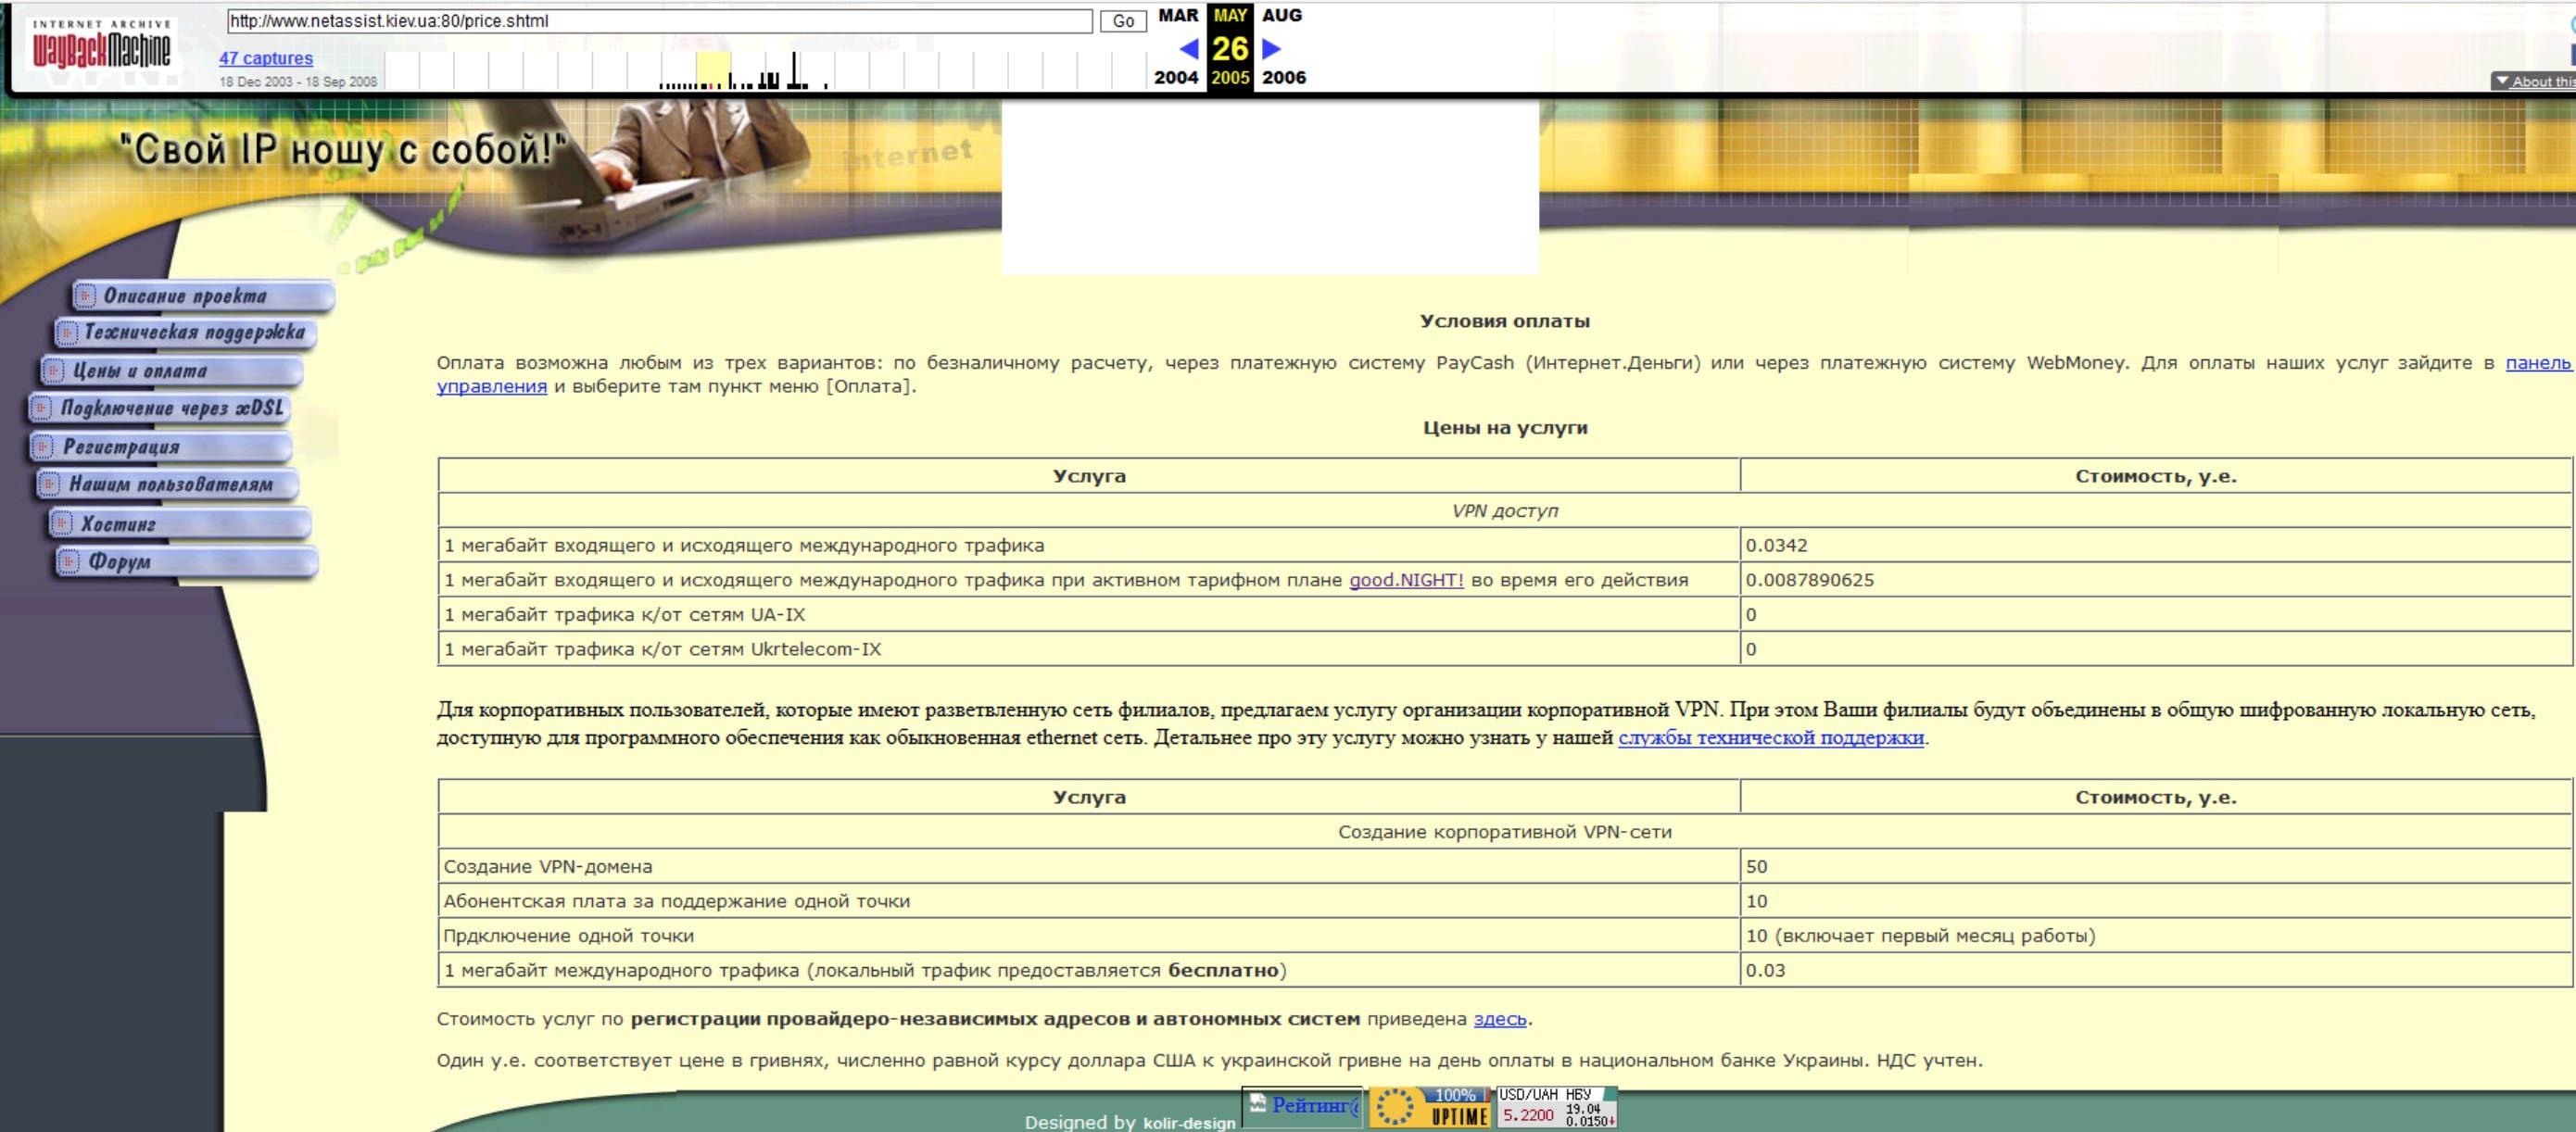 20 лет эволюции сети Интернет в Украине, а какой вы помните сеть 20 или 10 лет назад? - 18